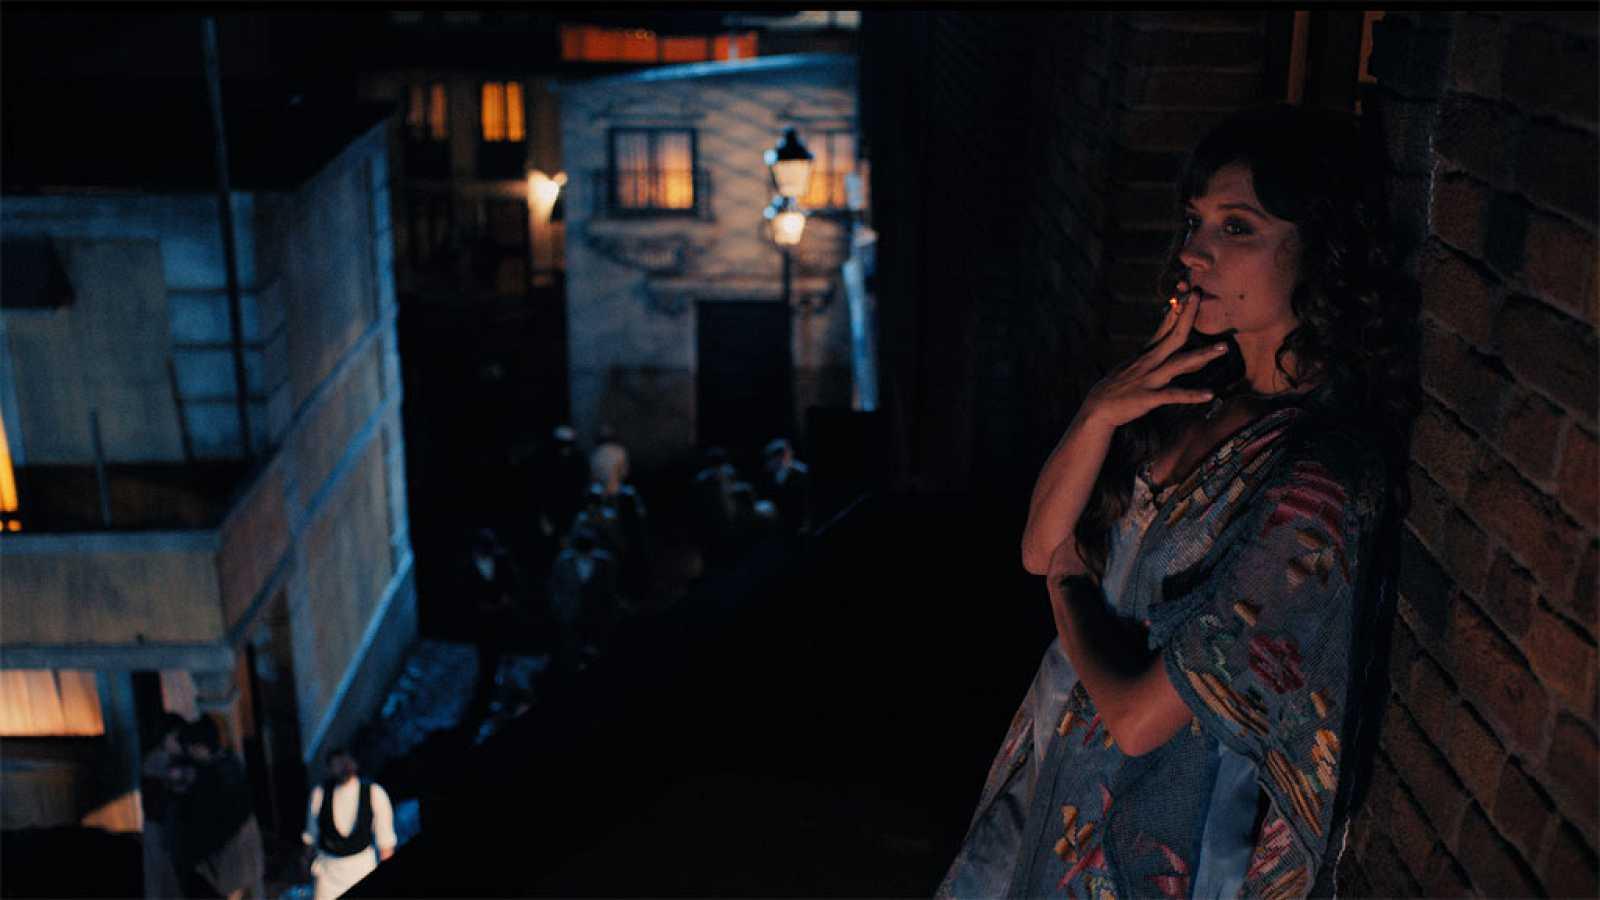 Primeras imágenes de 'El Continental' con Michelle Jenner como protagonista